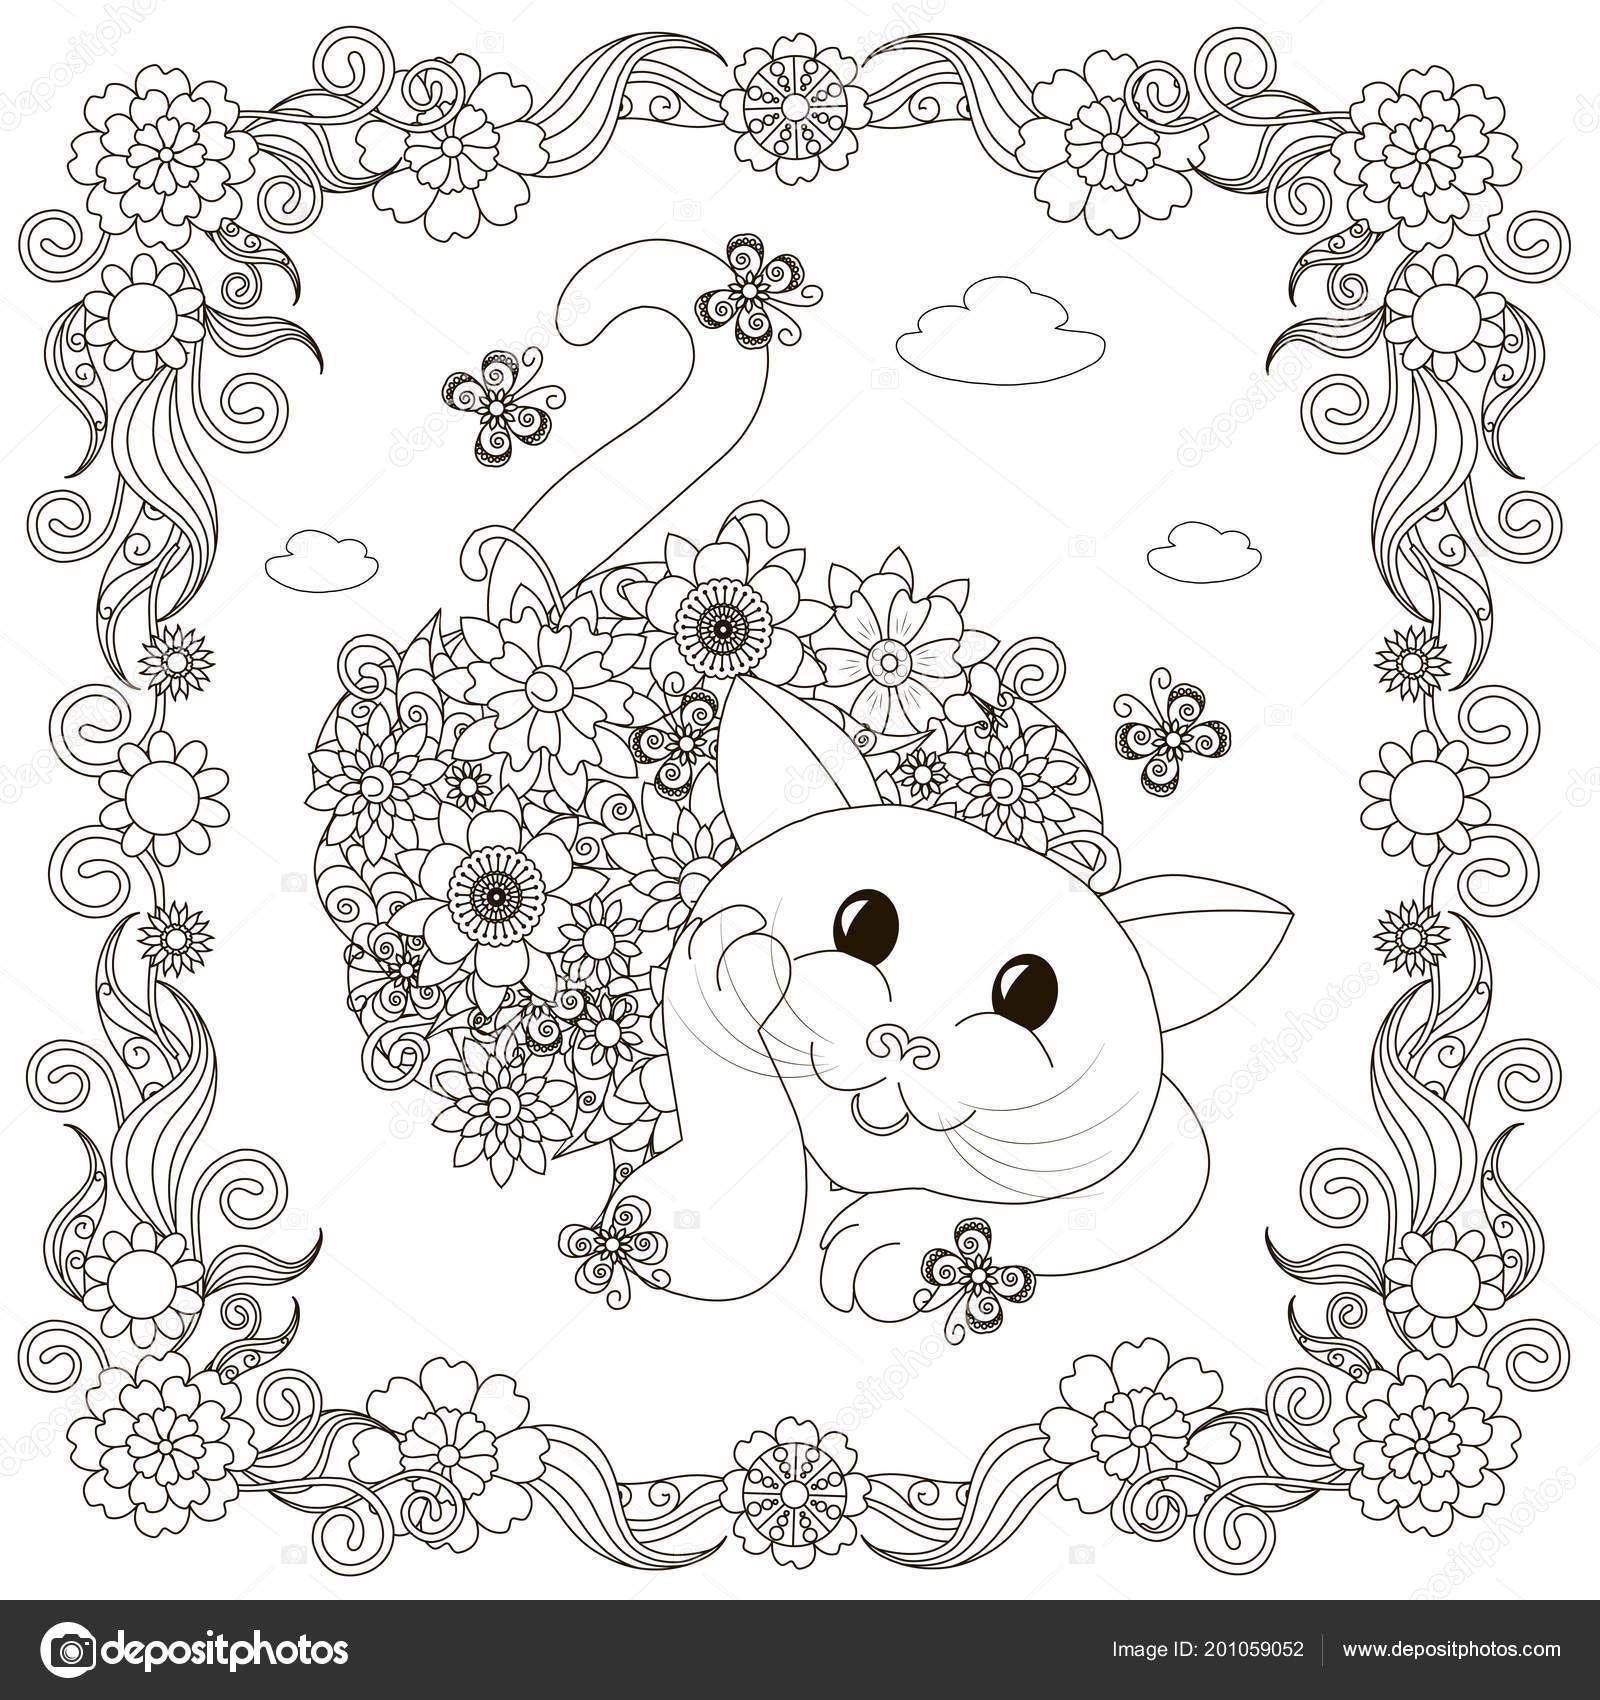 çiçek Boyama Kedi çiçekli çerçeve Sayfası Boyama Için Döşeme